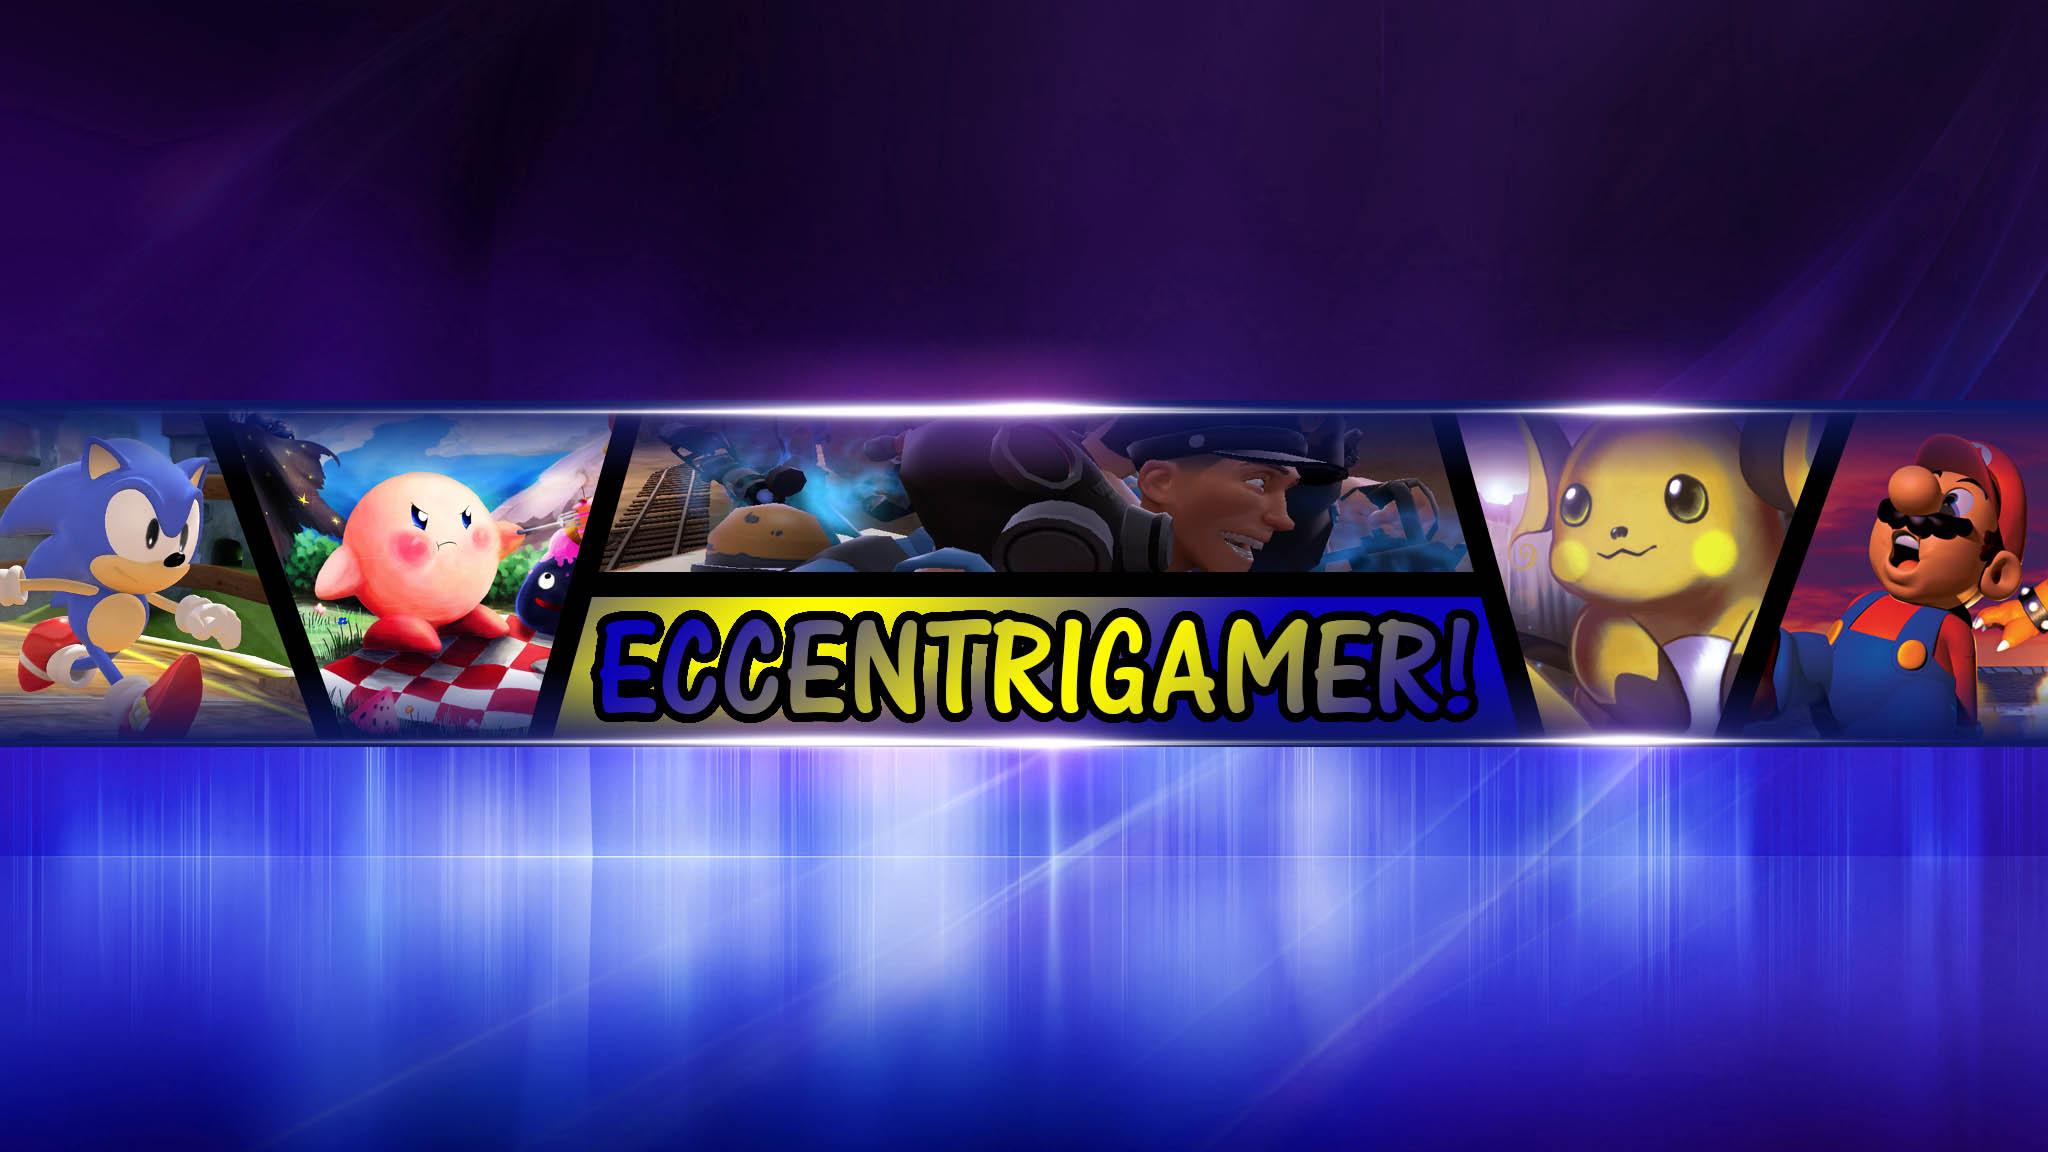 Eccentrigamer By TysonsWorldOfGames On